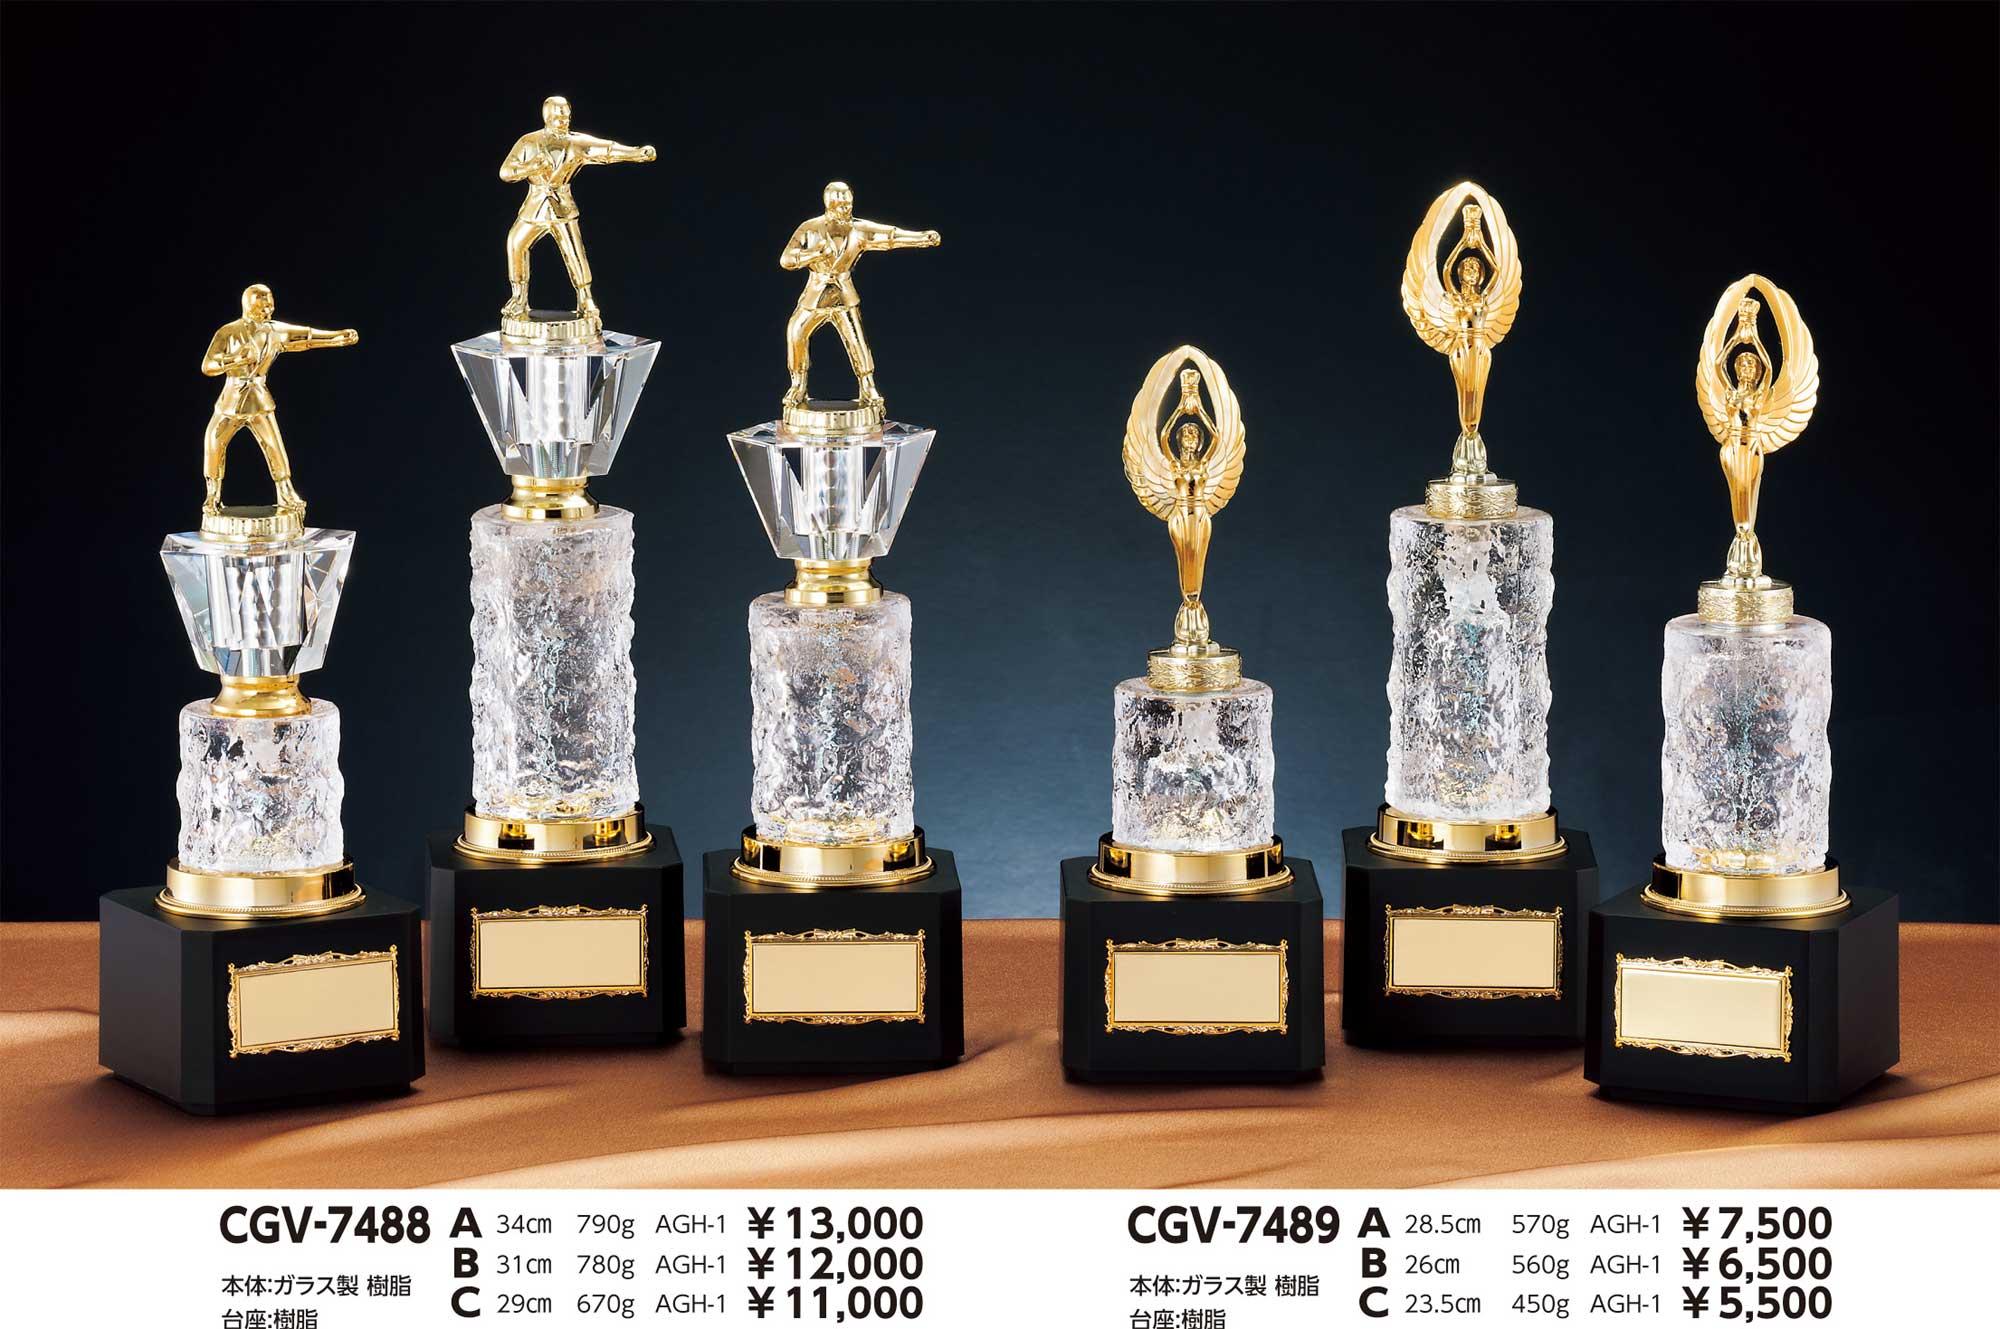 CGV7488、CGV7489